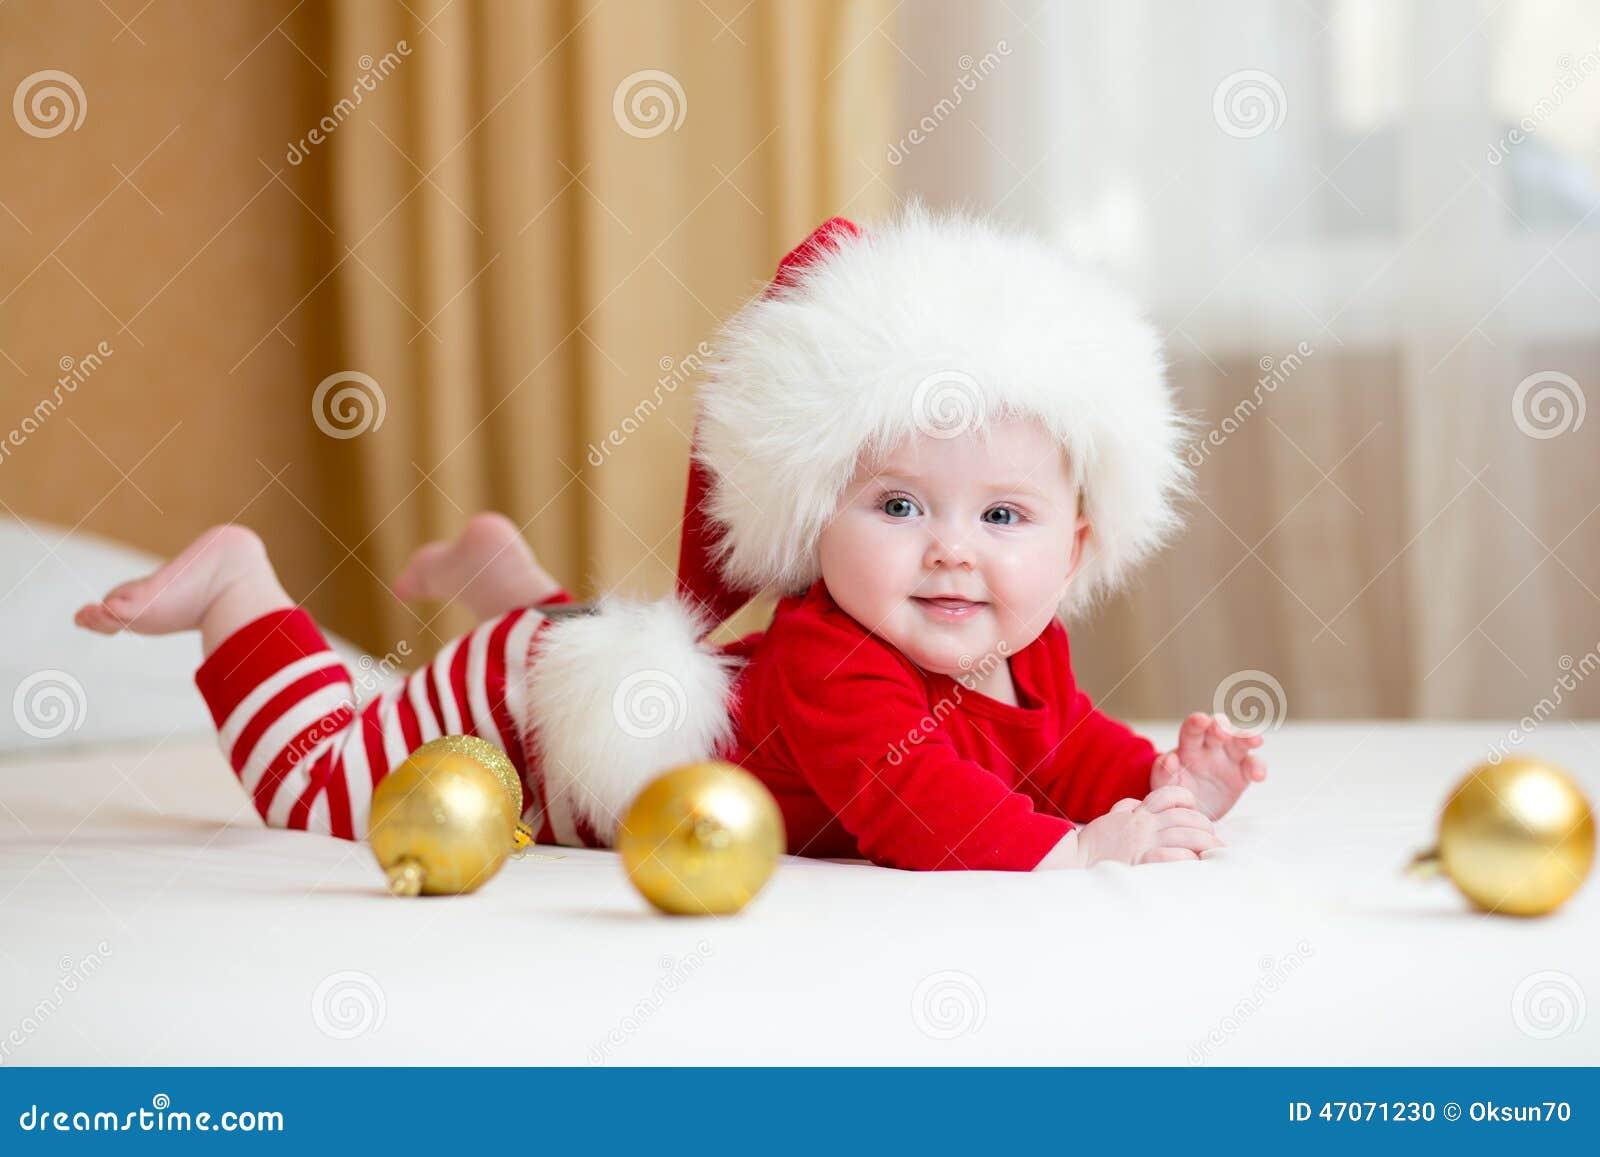 Ropa weared bebé lindo de la Navidad